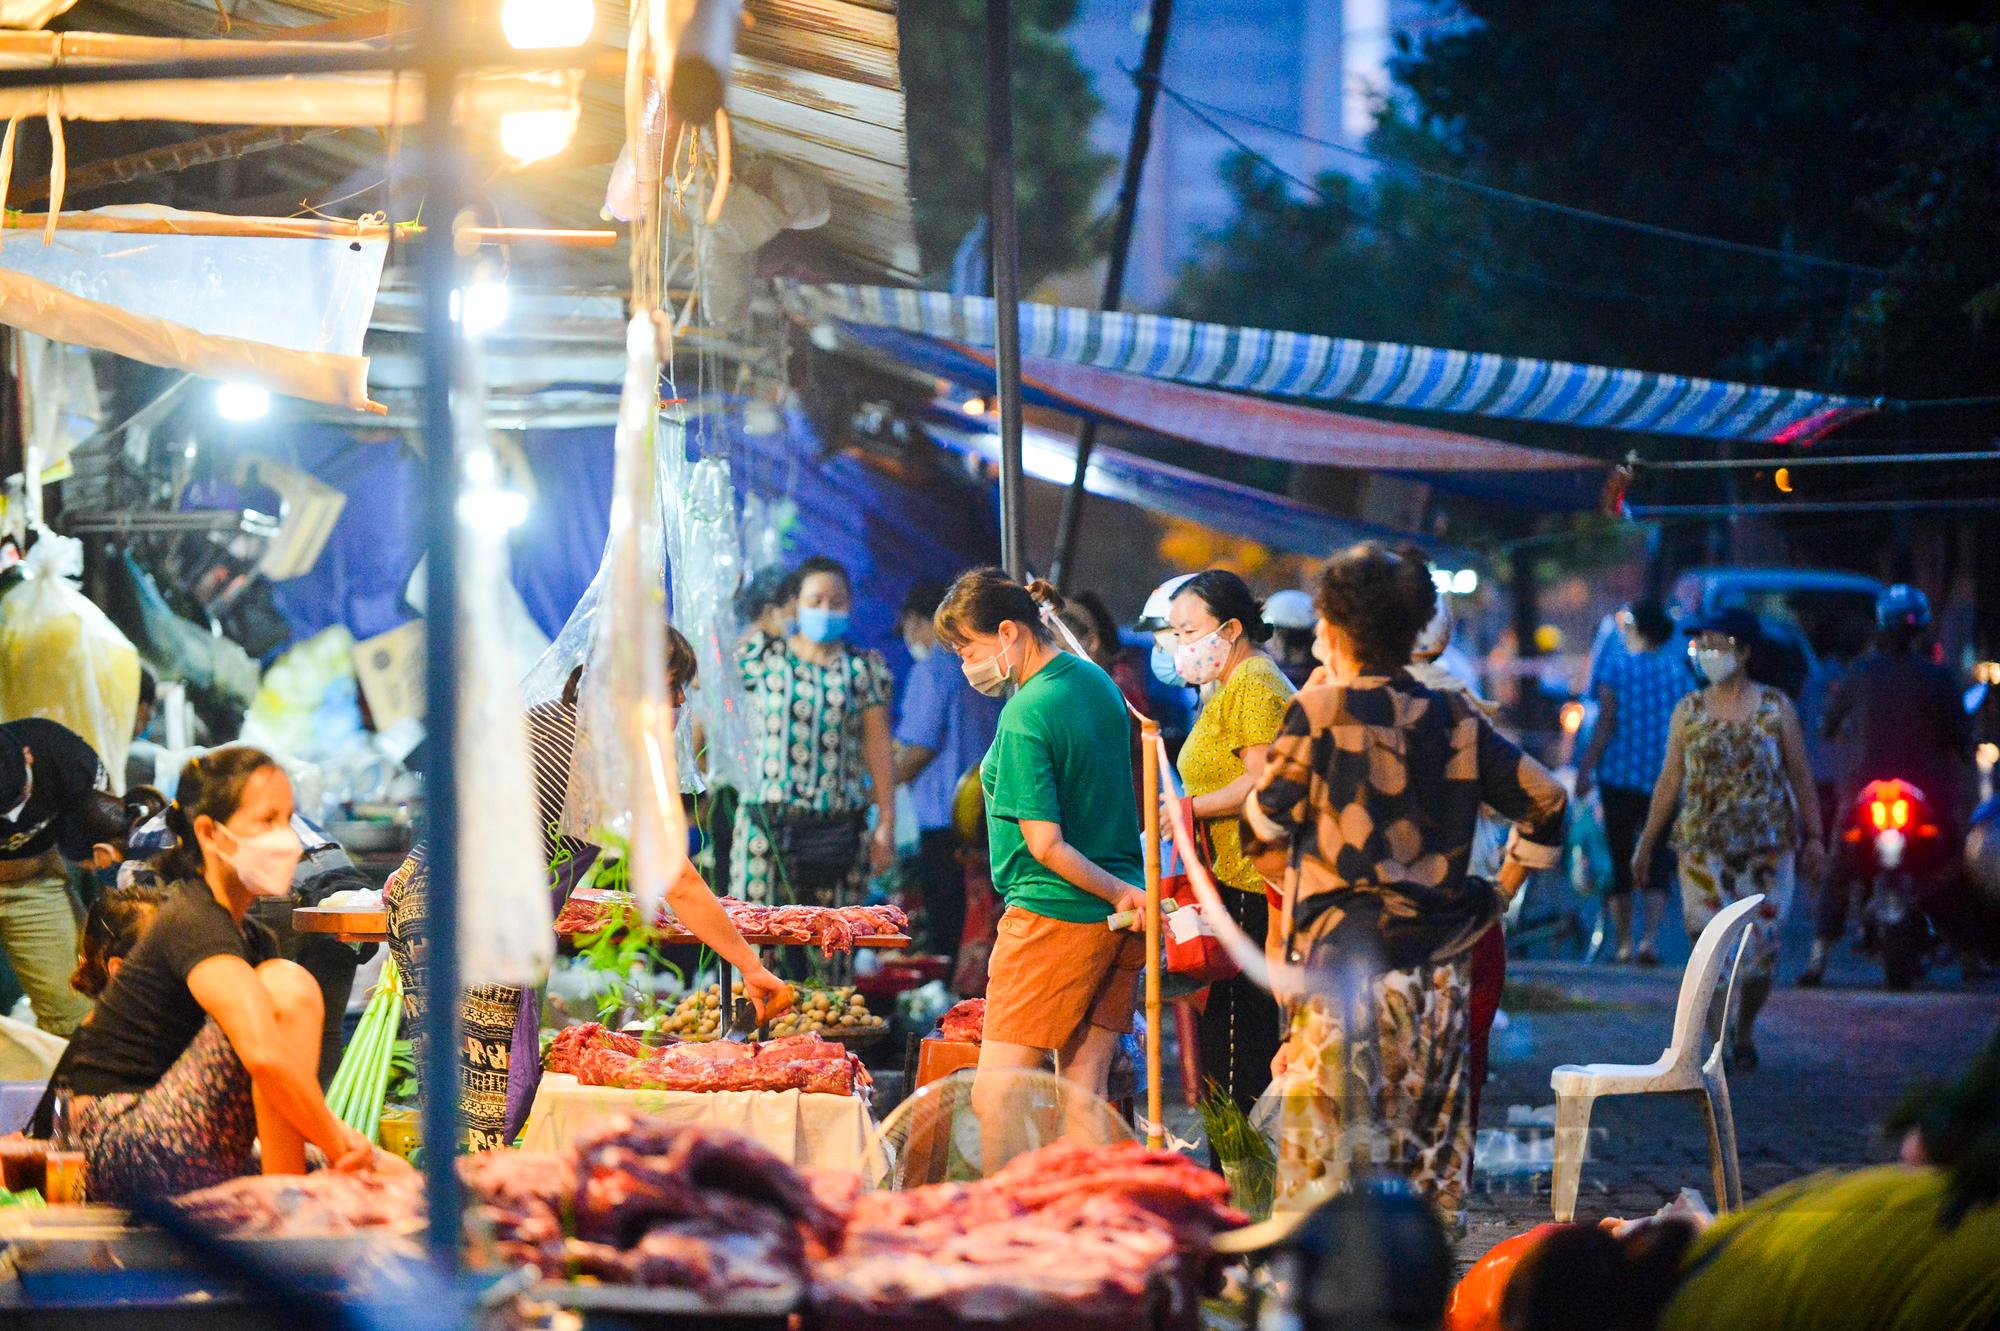 Chợ dân sinh ở Hà Nội đông đúc ngày đầu nới lỏng giãn cách - Ảnh 1.